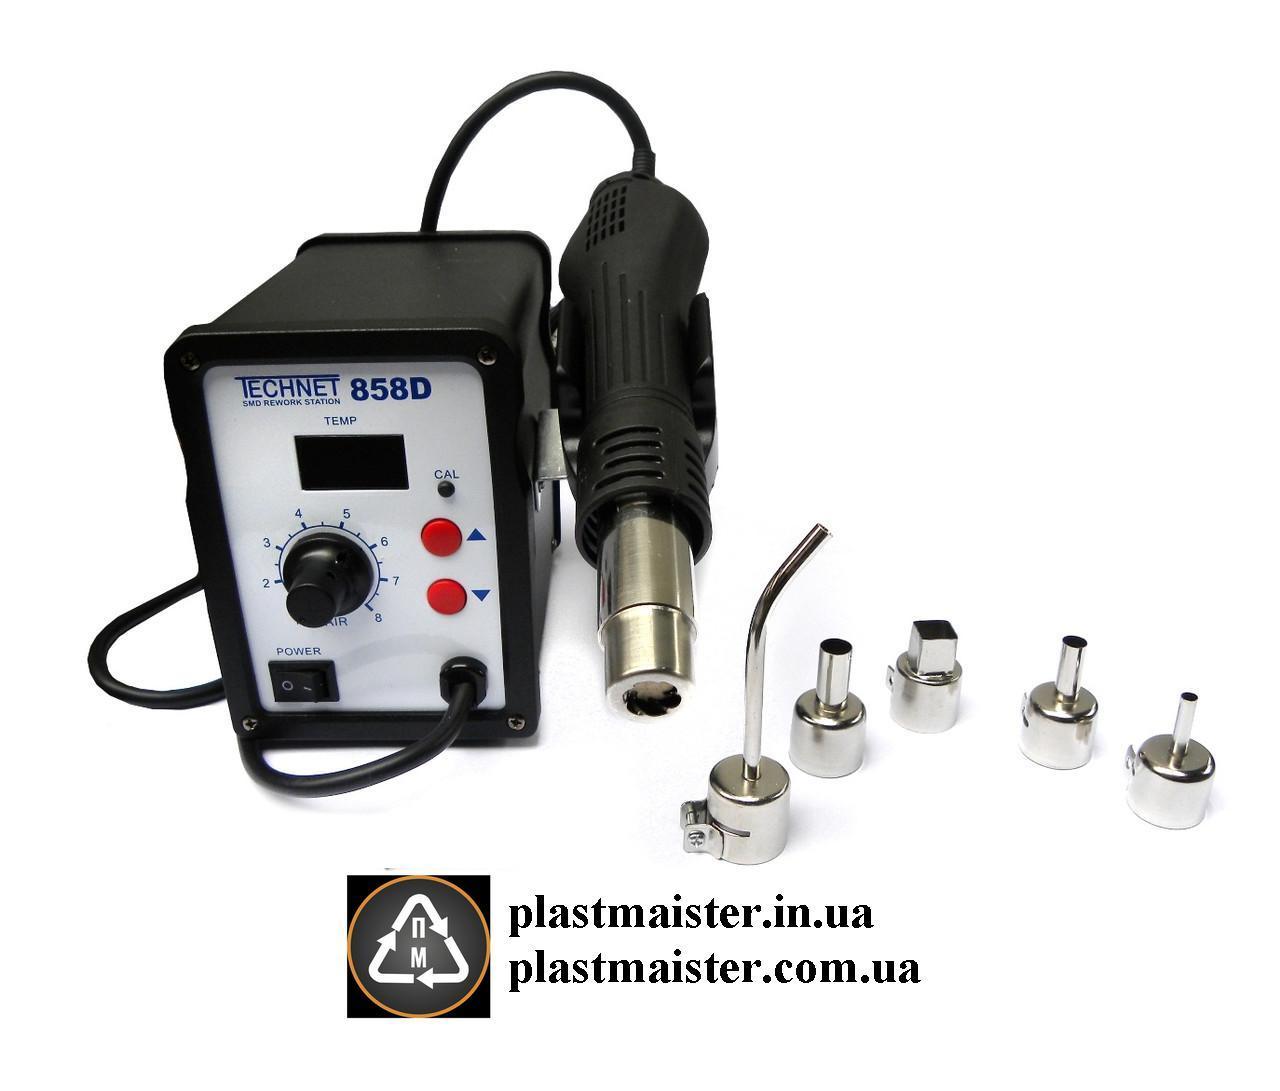 Аппарат для сварки (пайки) пластика - 858D